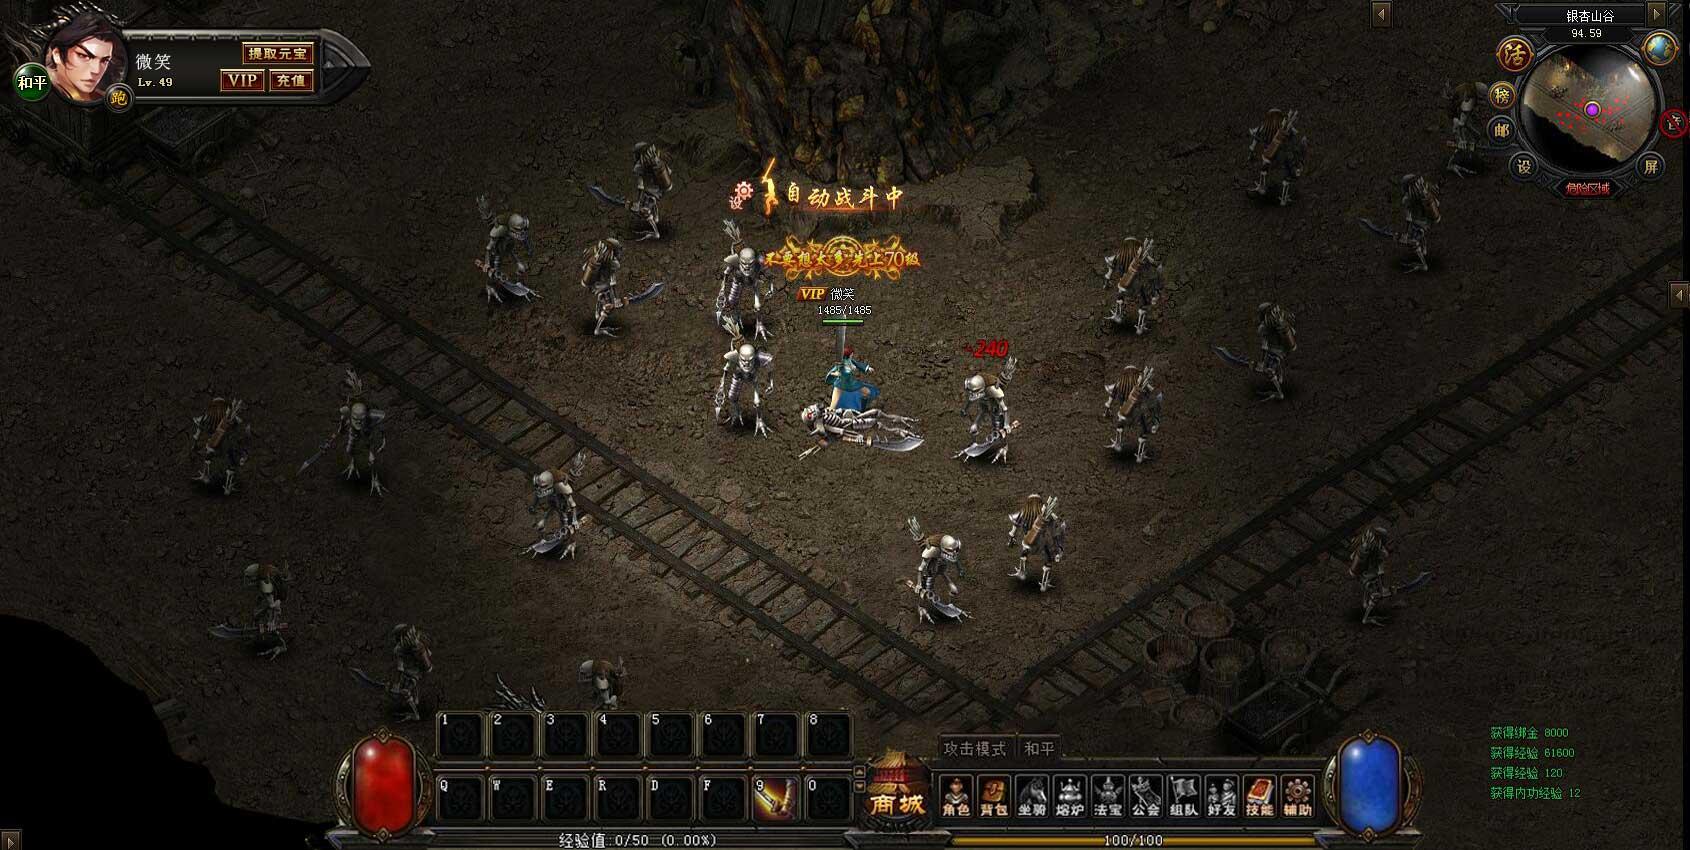 《烈火之怒》游戏截图